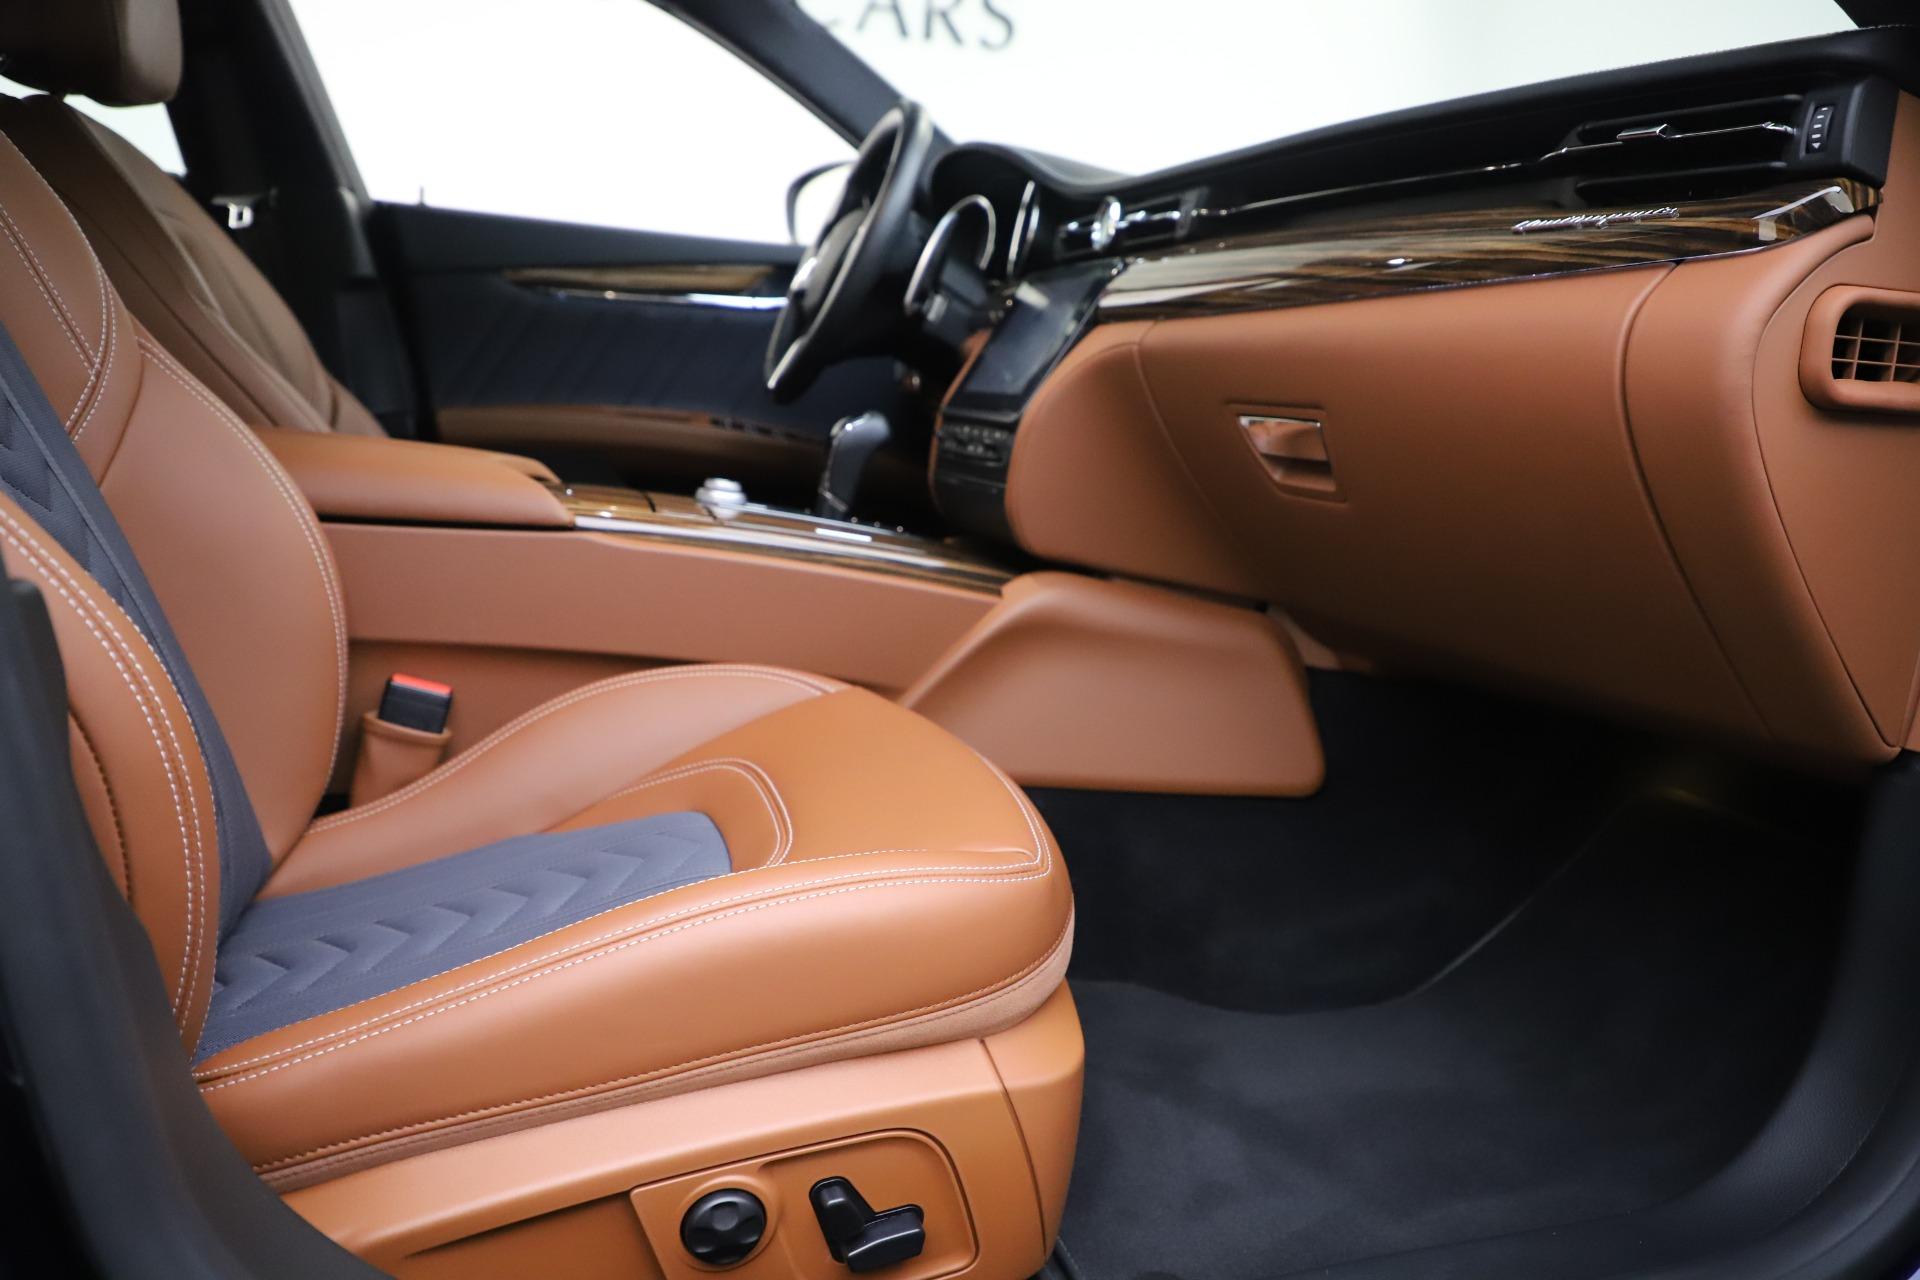 Used 2017 Maserati Quattroporte S Q4 GranLusso For Sale In Greenwich, CT 3553_p23